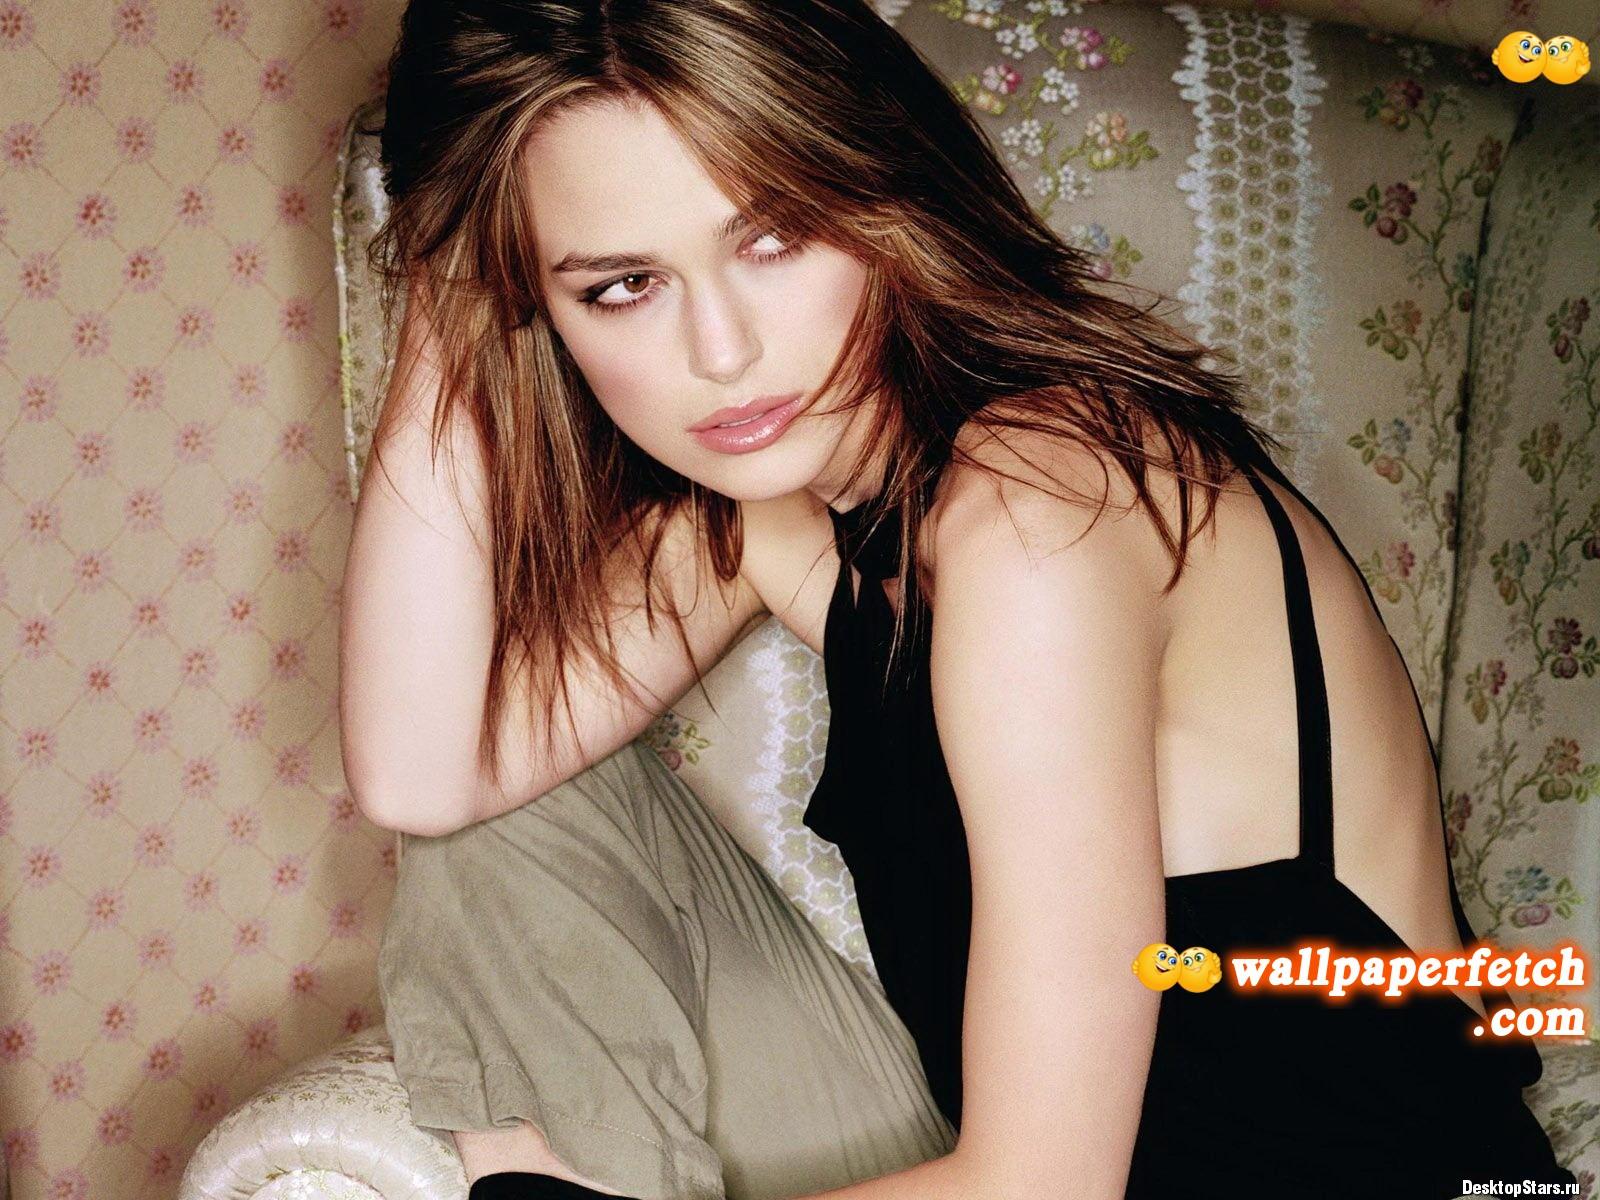 http://1.bp.blogspot.com/-0NvyM7O_jLc/UArgeEGwg-I/AAAAAAAAGvs/GPOHN6ul0cM/s1600/keira-knightley-sexy-wallpaper_1600x1200_89387.jpg